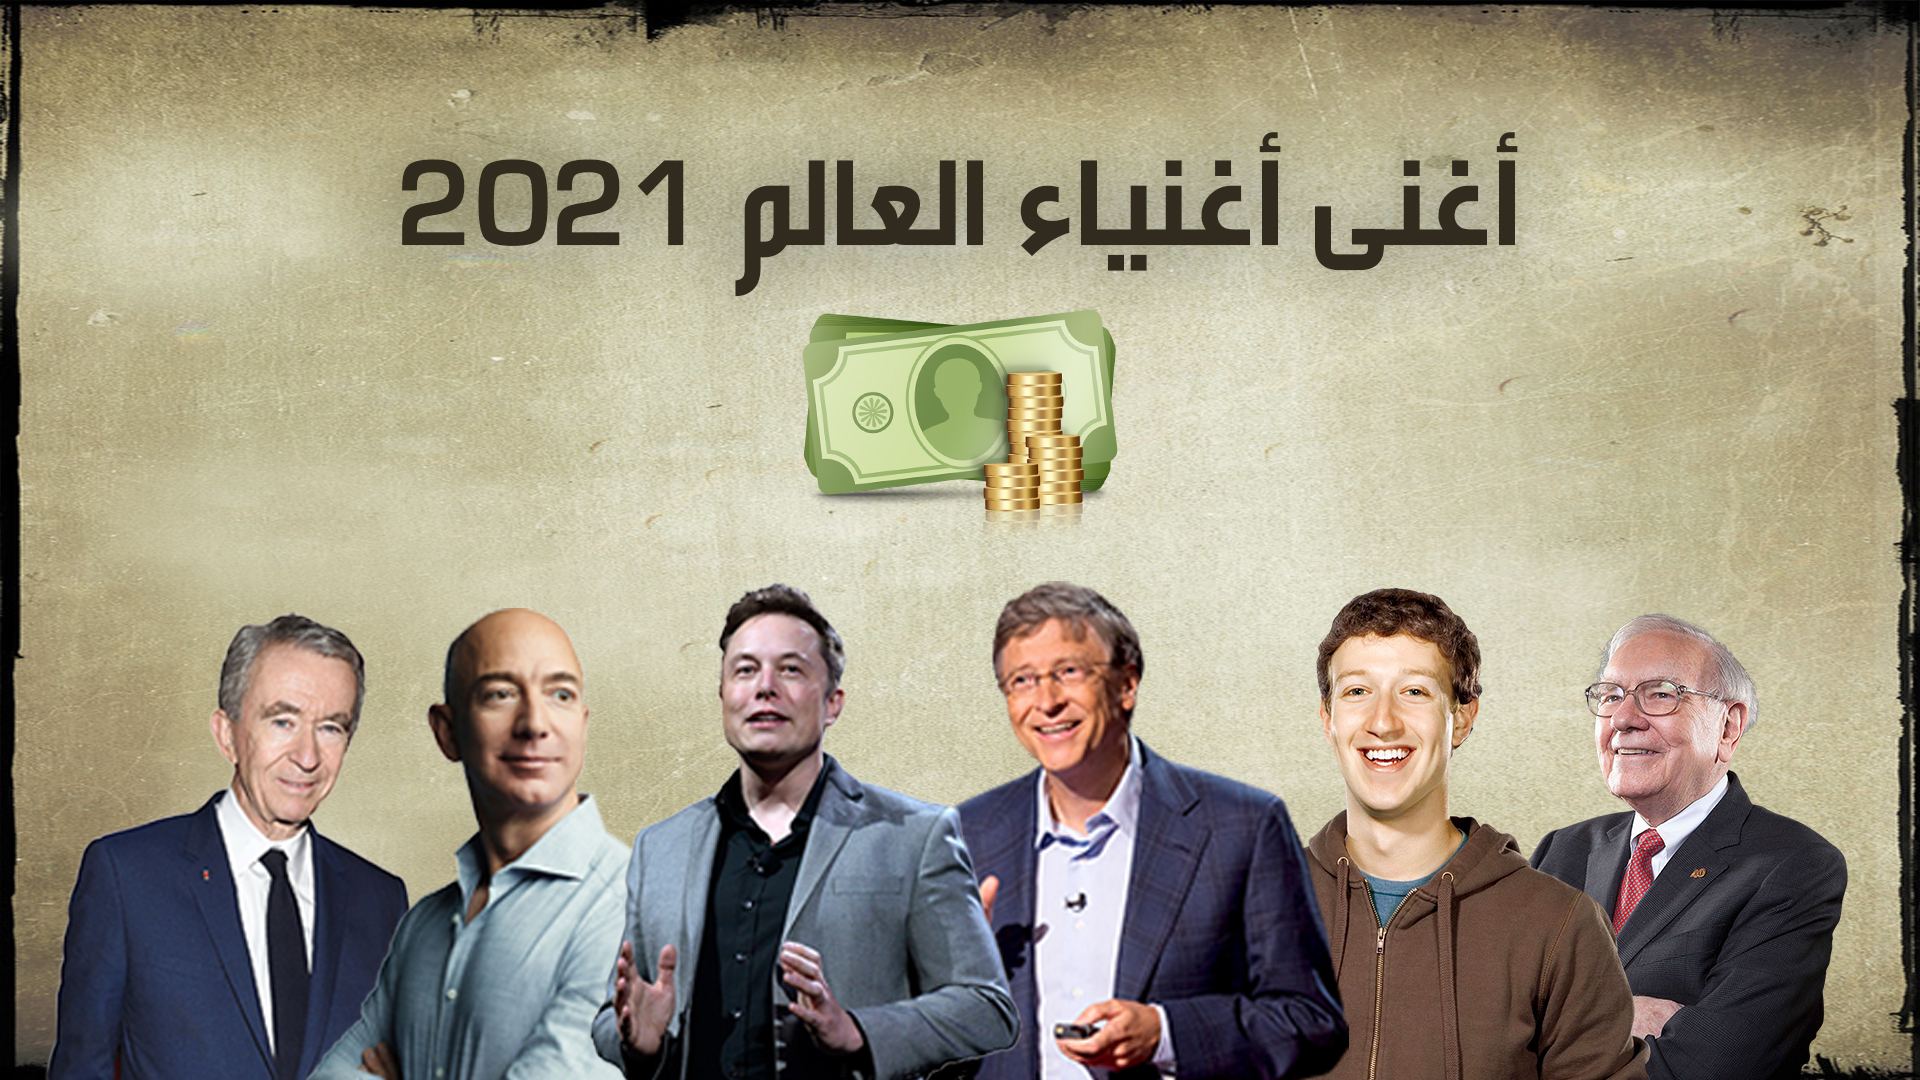 أغنى أغنياء العالم 2021